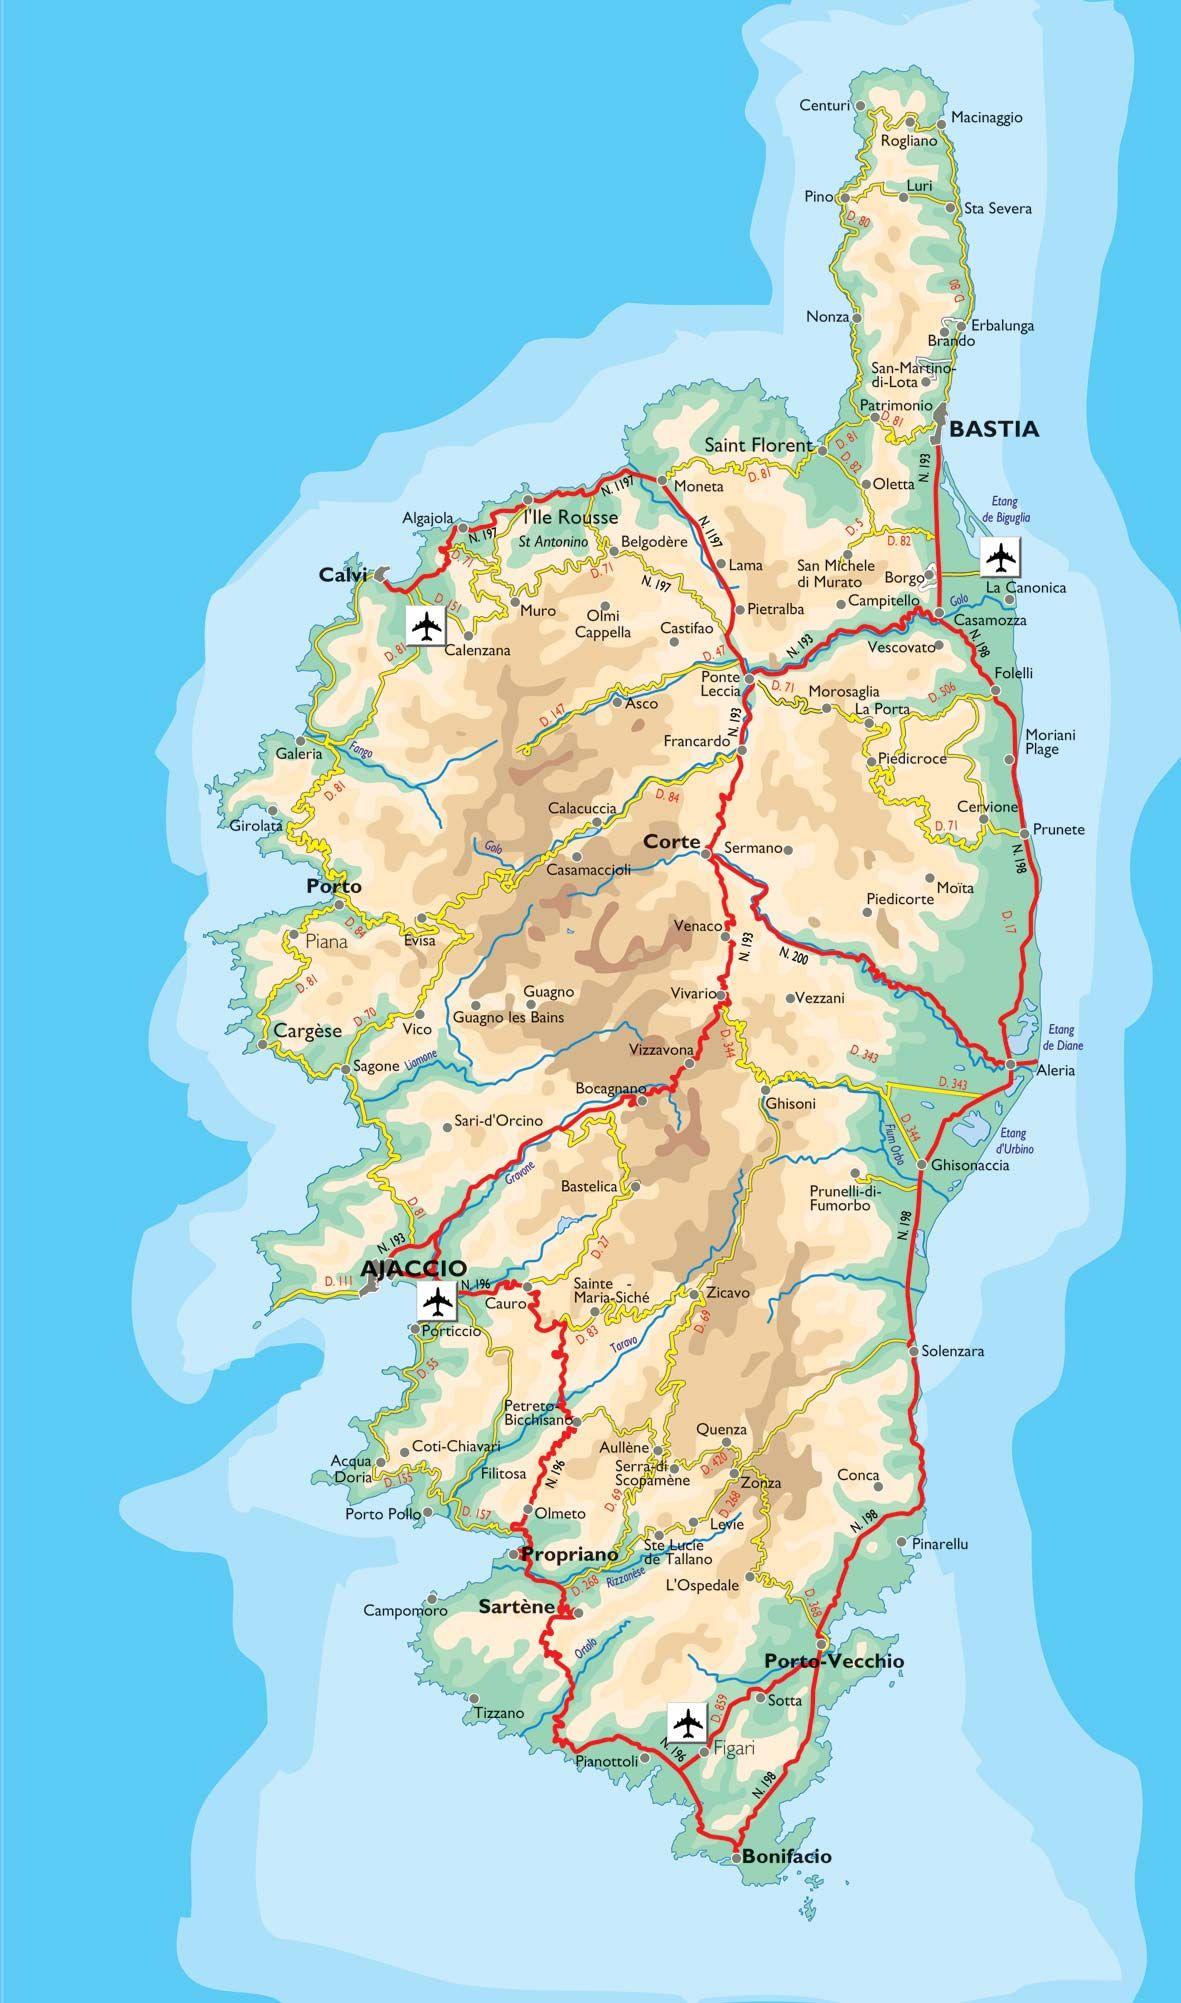 Carte Corse Mediterranee.Resultat De Recherche D Images Pour Carte De La Corse